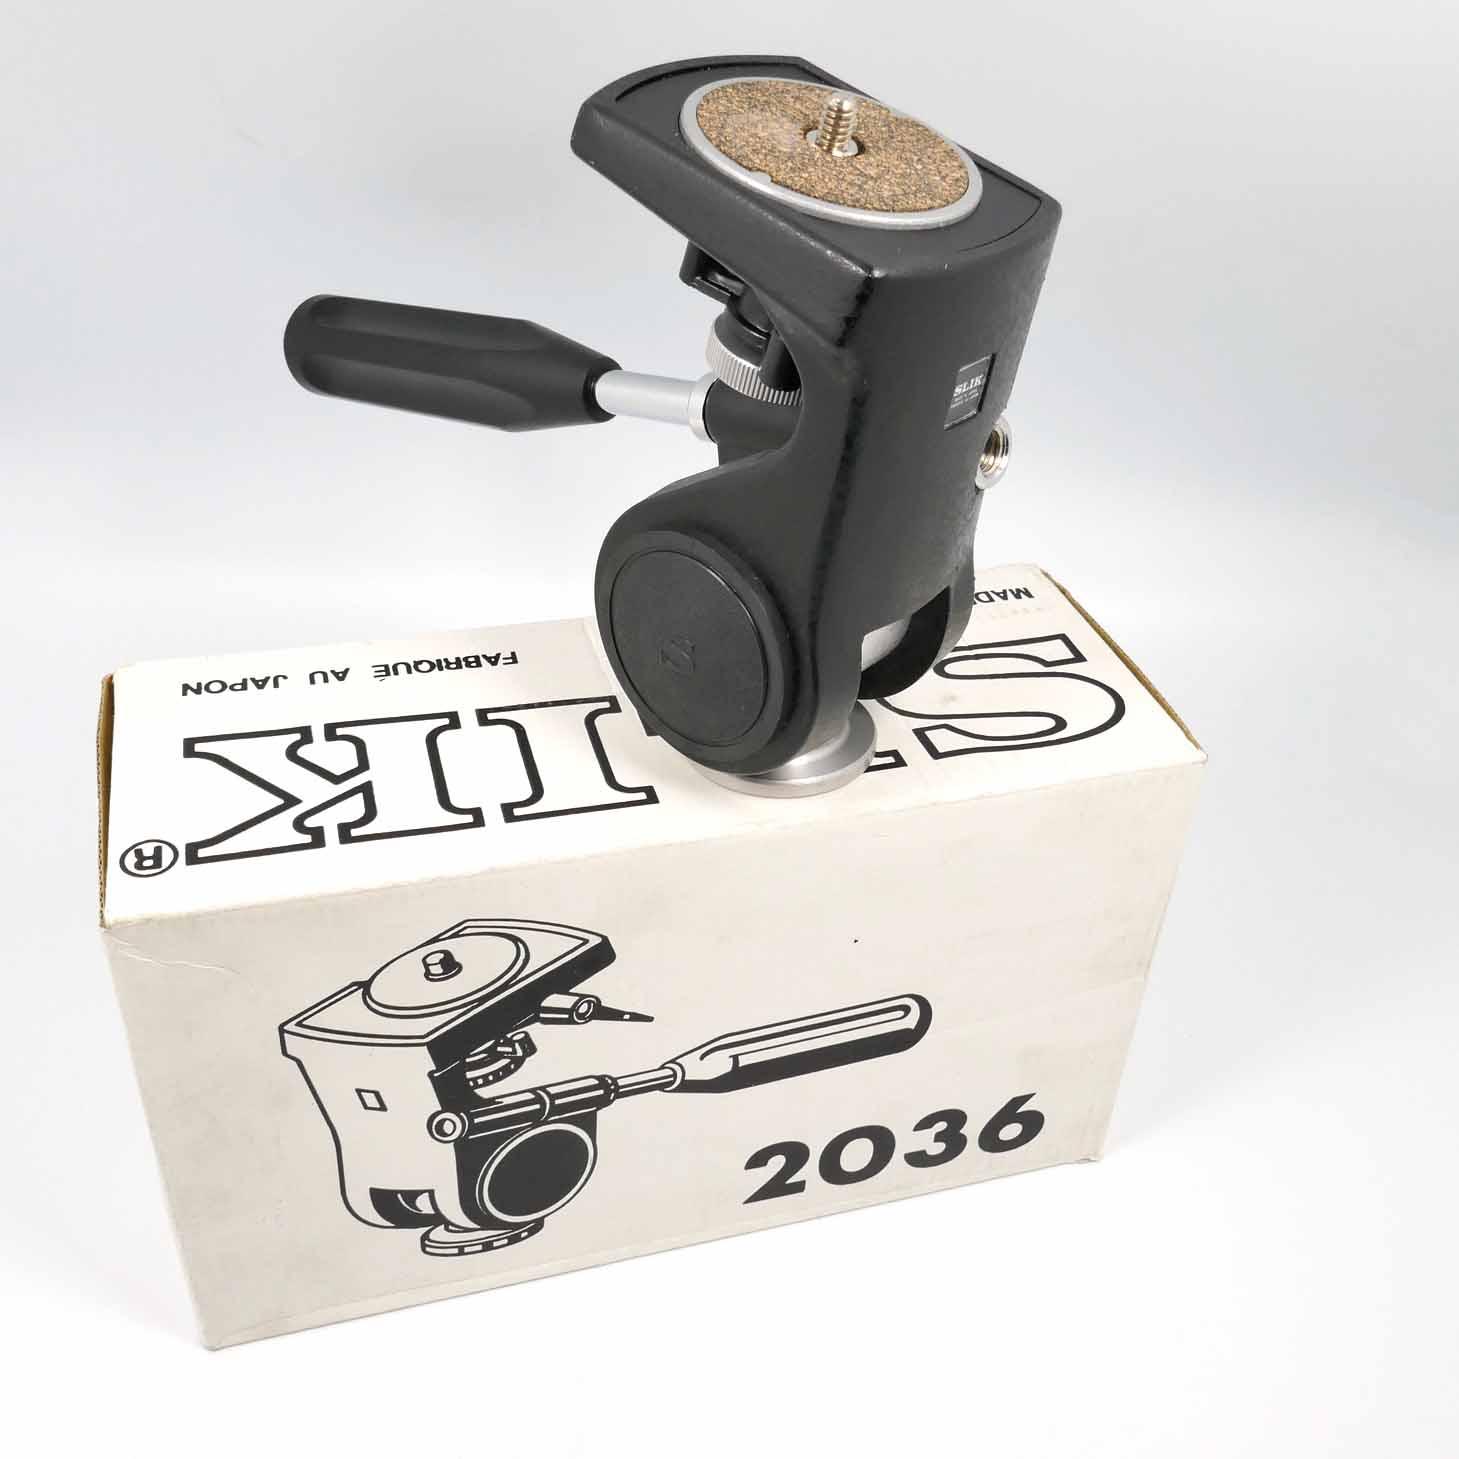 clean-cameras-Slik-2036-Stativkopf-02